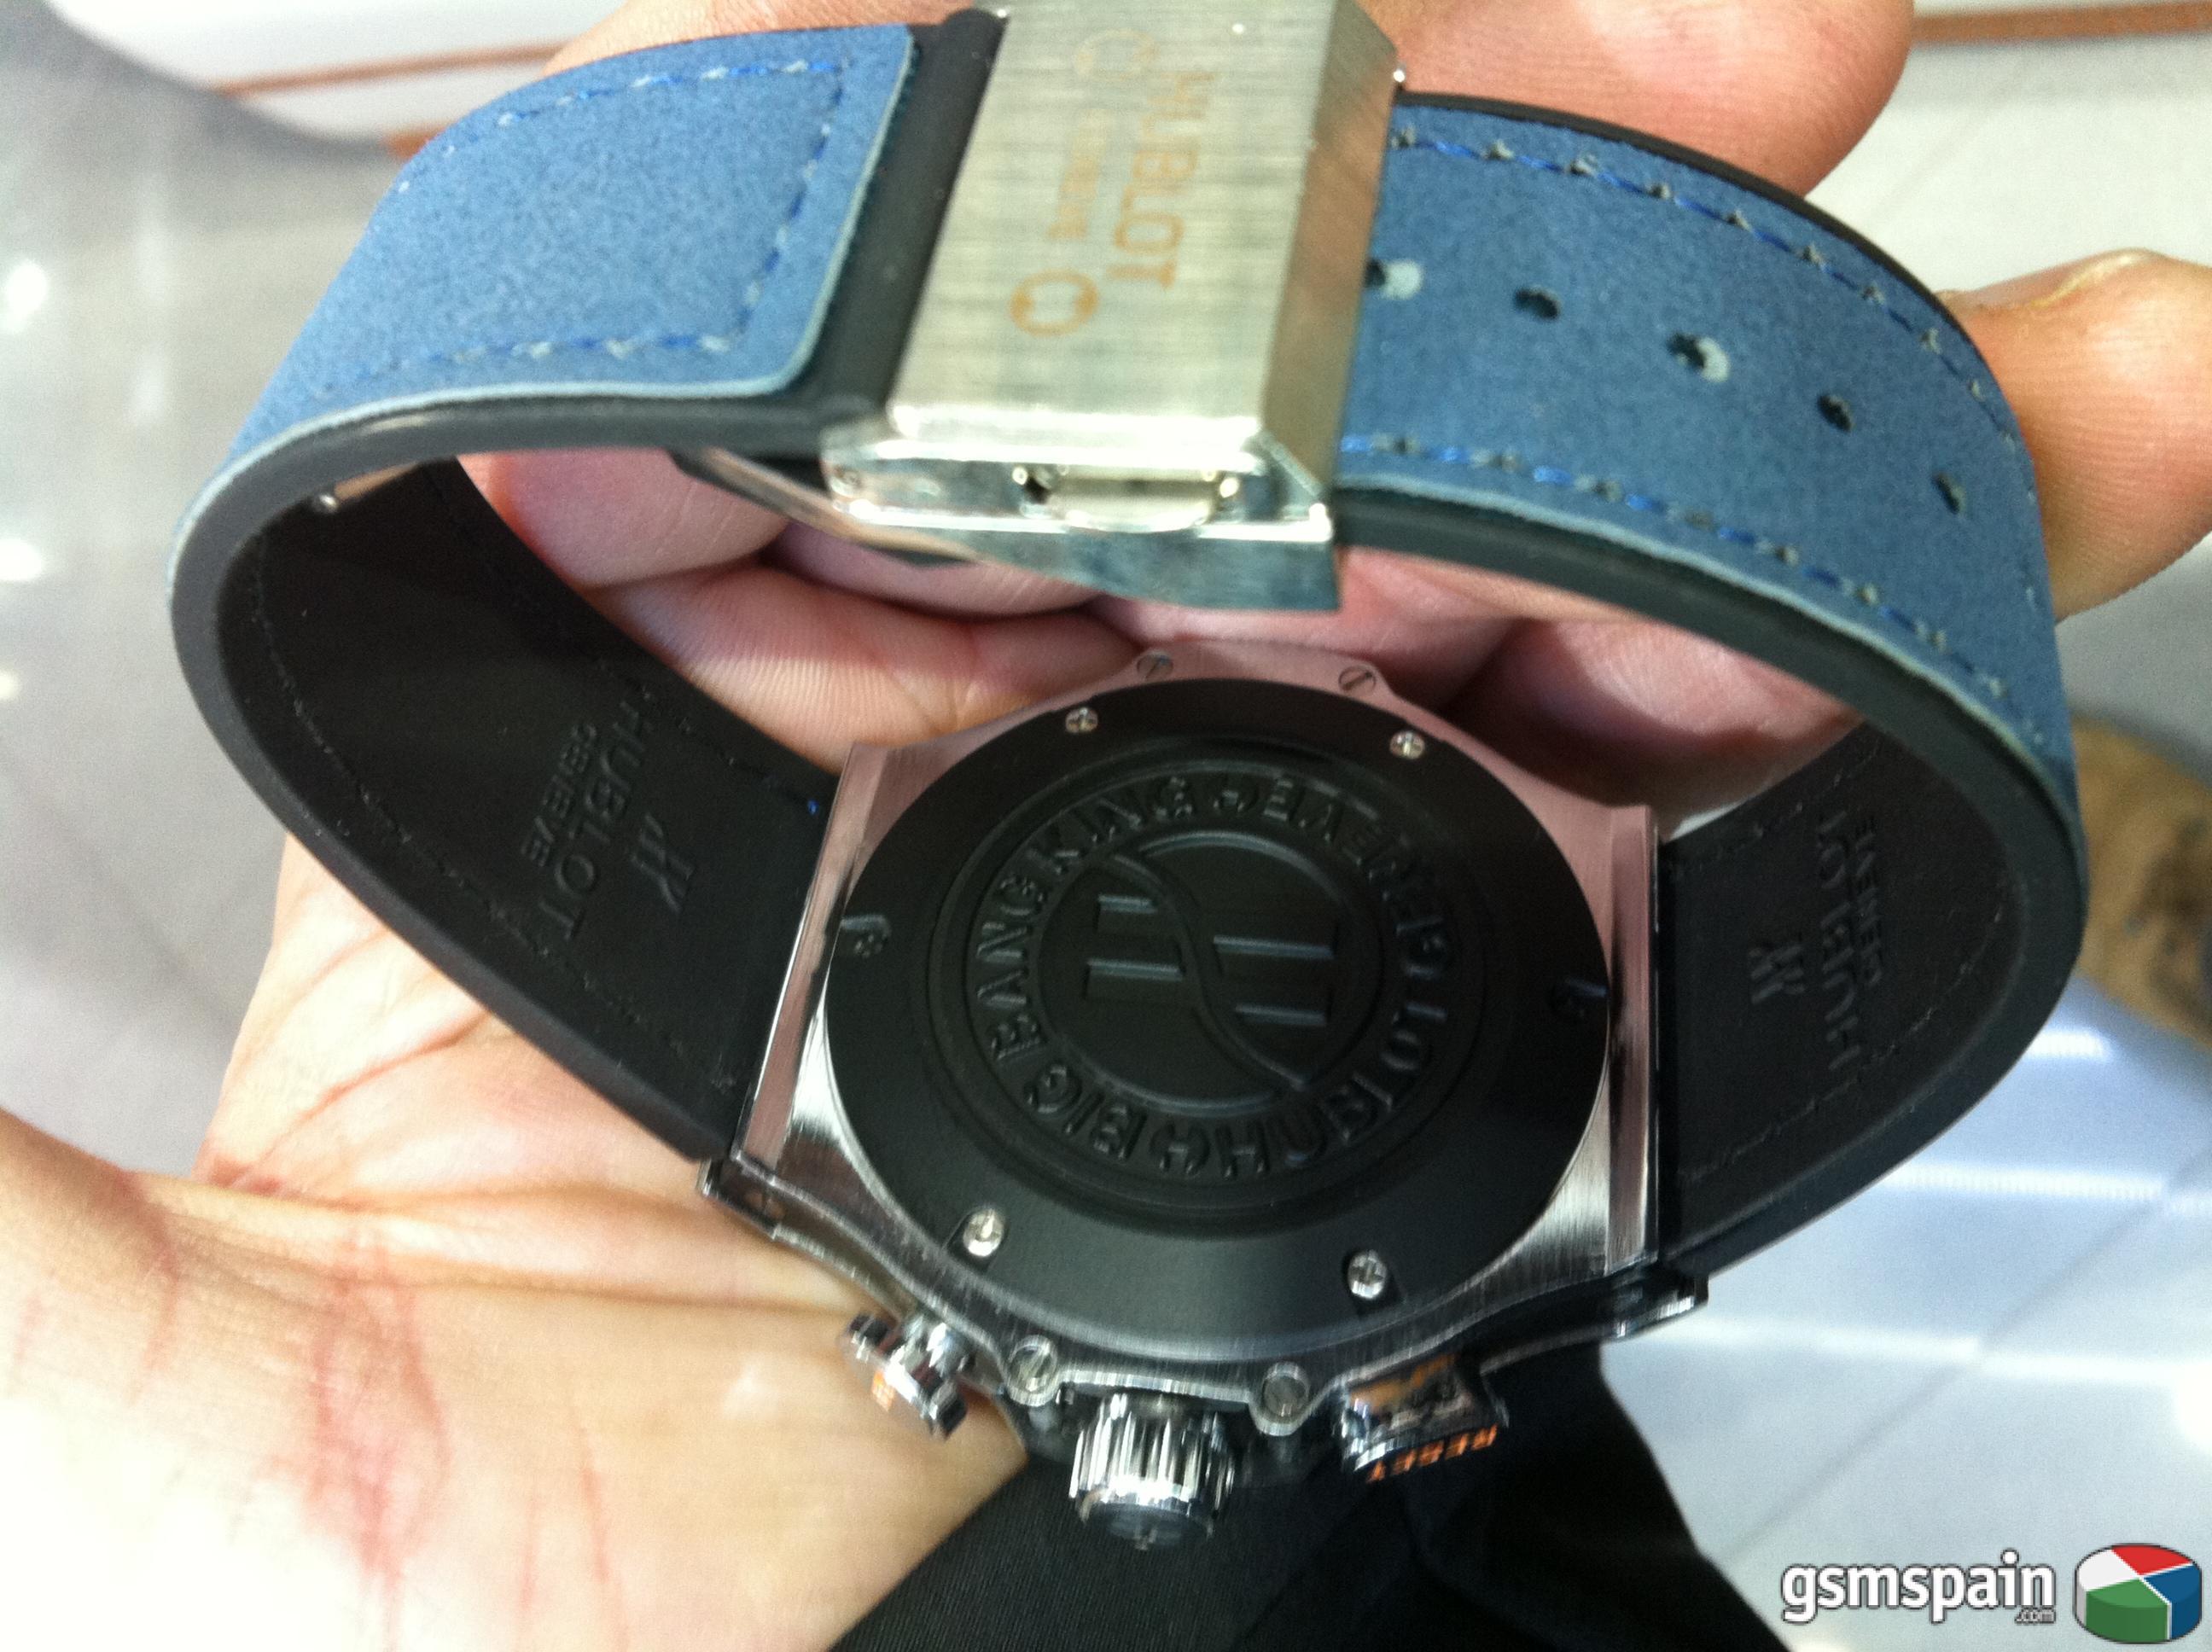 [vendo] Relojes De Calidad Replicas A Precio Fenomenal!!!!!!!!